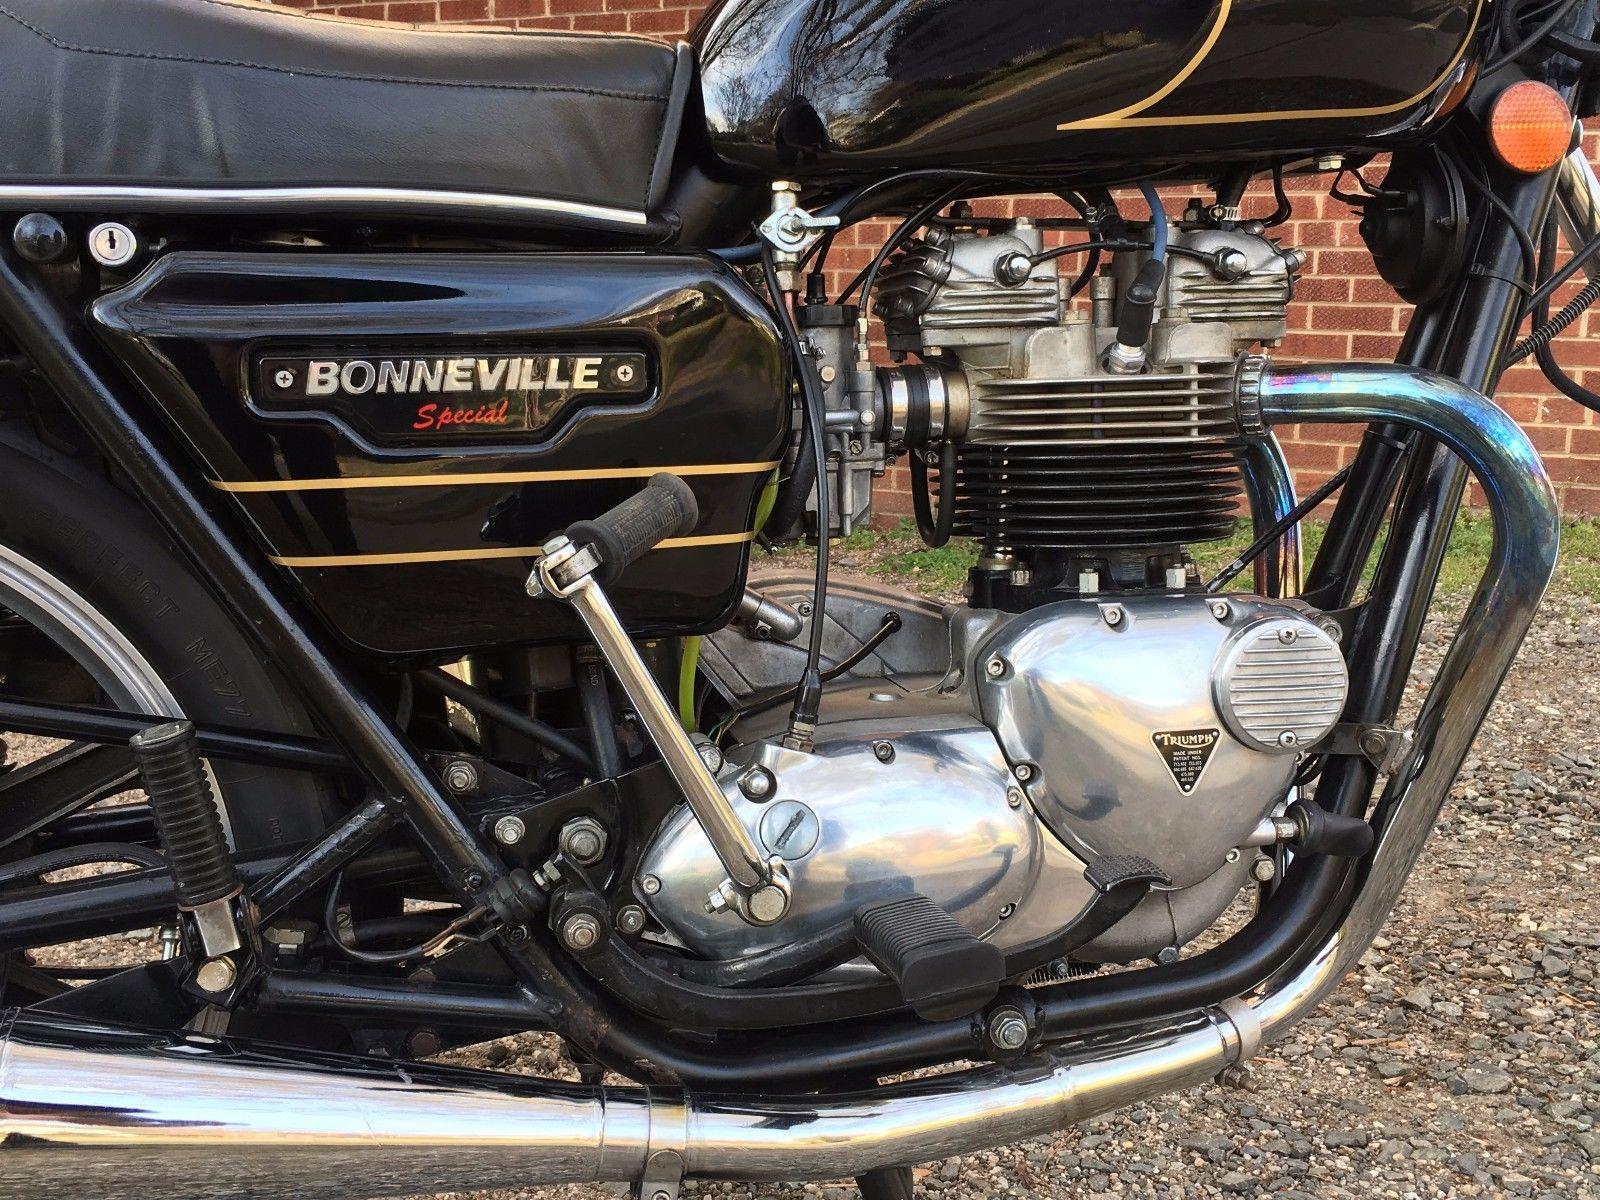 Triumph Bonneville Special - 1979